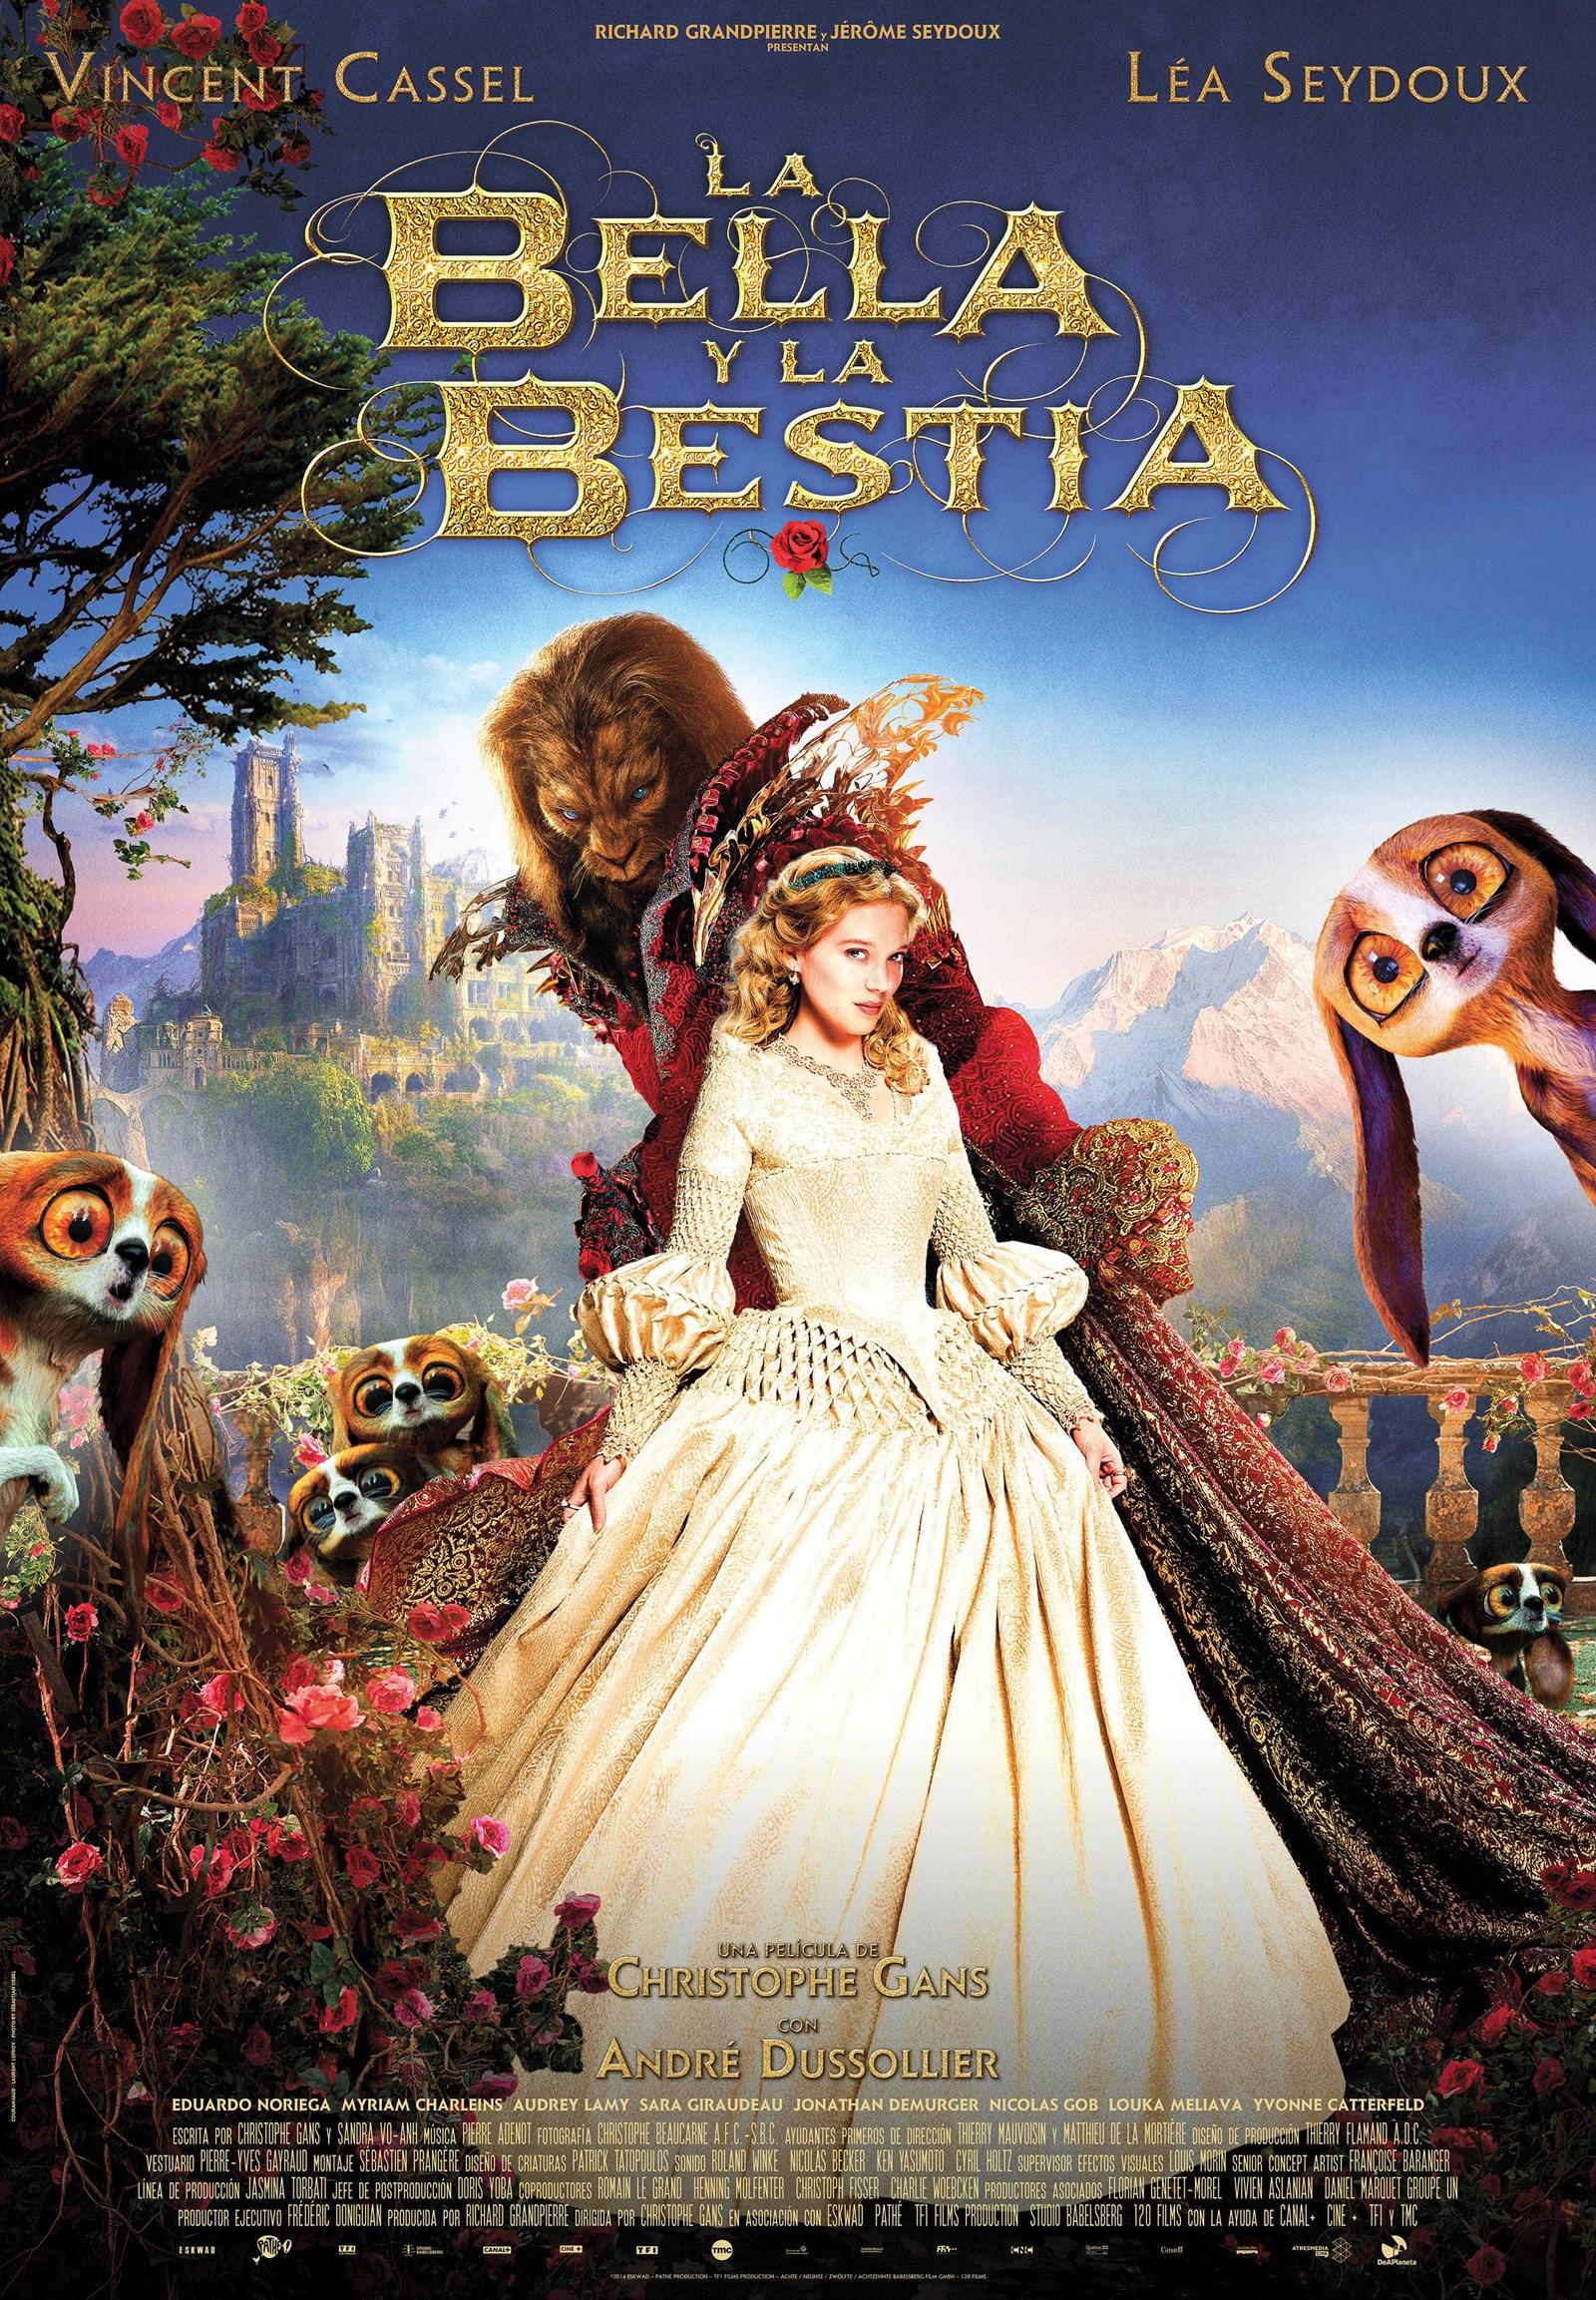 Subscene - Beauty and the Beast (La belle et la bête